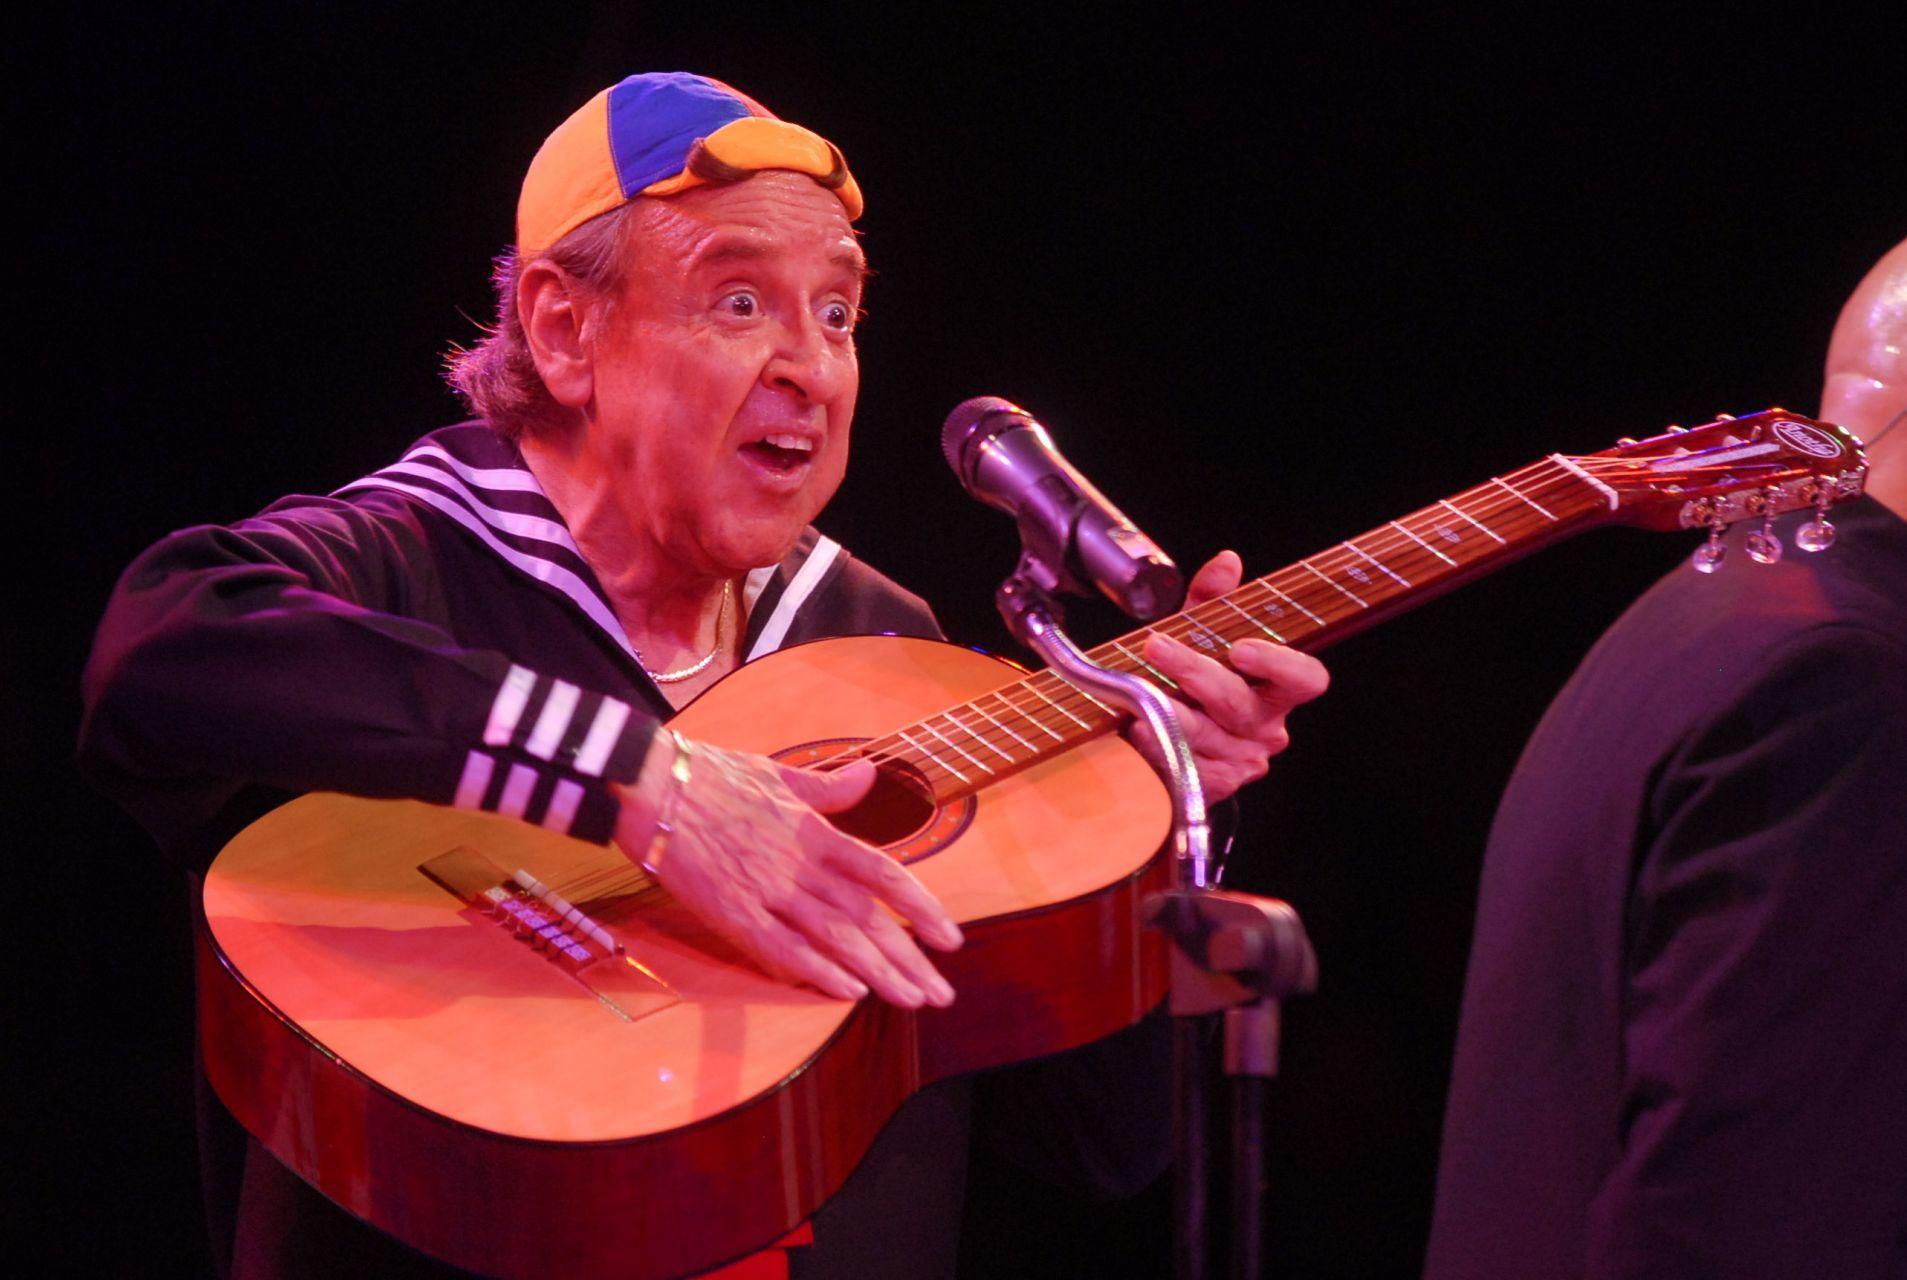 """MÉXICO D.F. 04JULIO2008.- Carlos Villagran mejor conocido como """"Kiko"""" de la conocida serie de televisión """"El Chavo del 8"""" se presentó esta noche en el circo """"Unión"""" mismo que ahora se llama el circo de """"Kiko""""."""